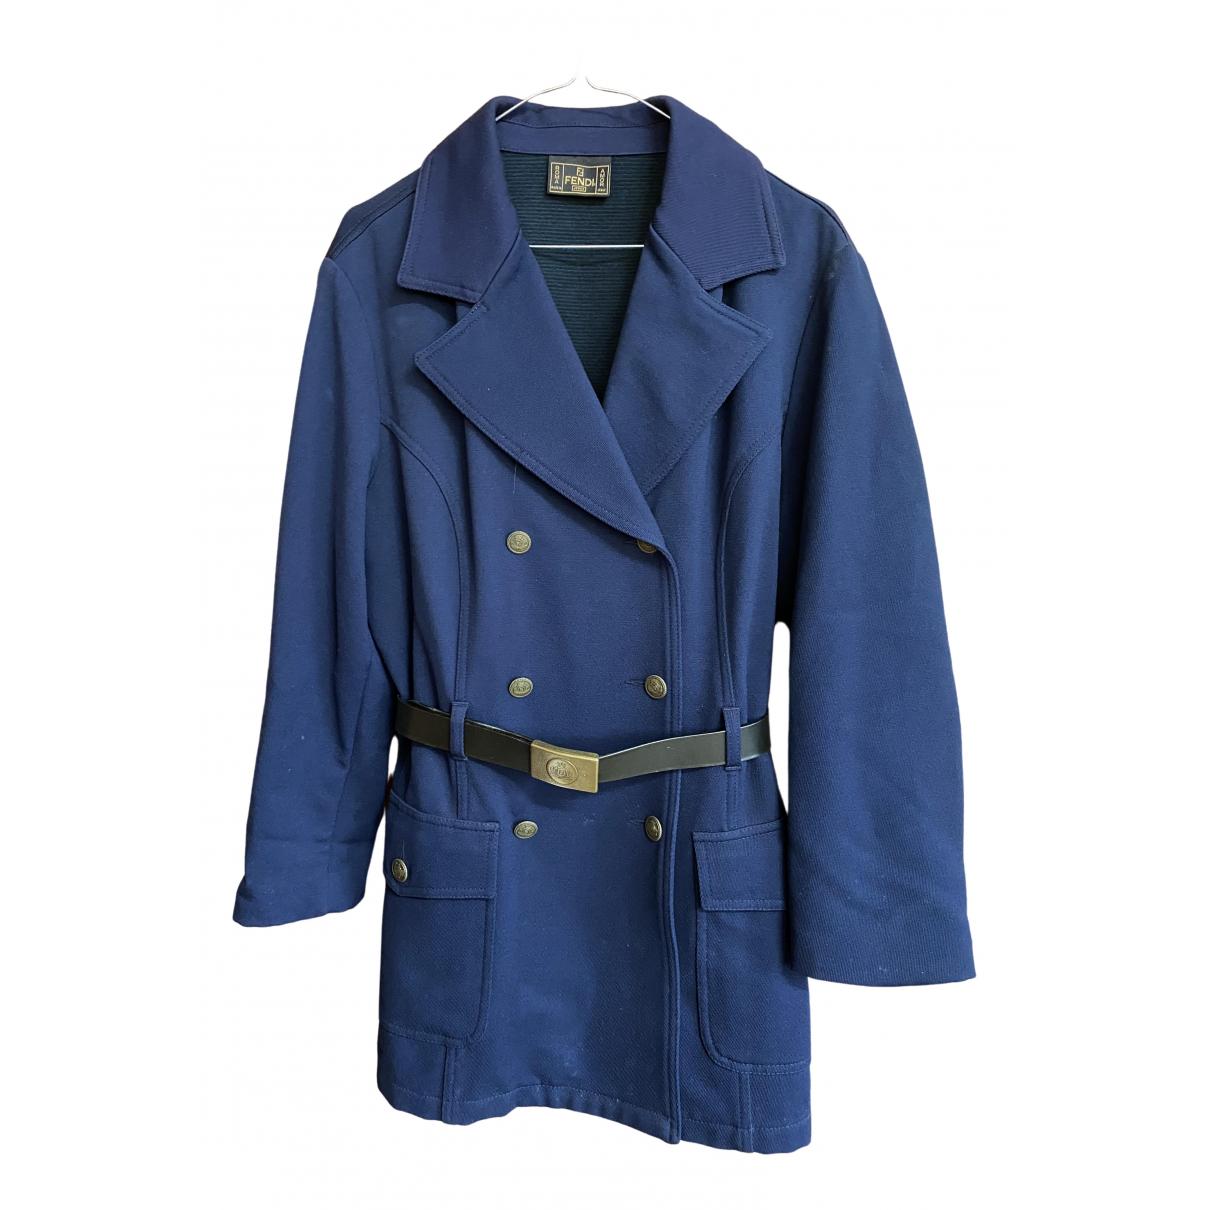 Fendi \N Navy coat for Women 42 IT